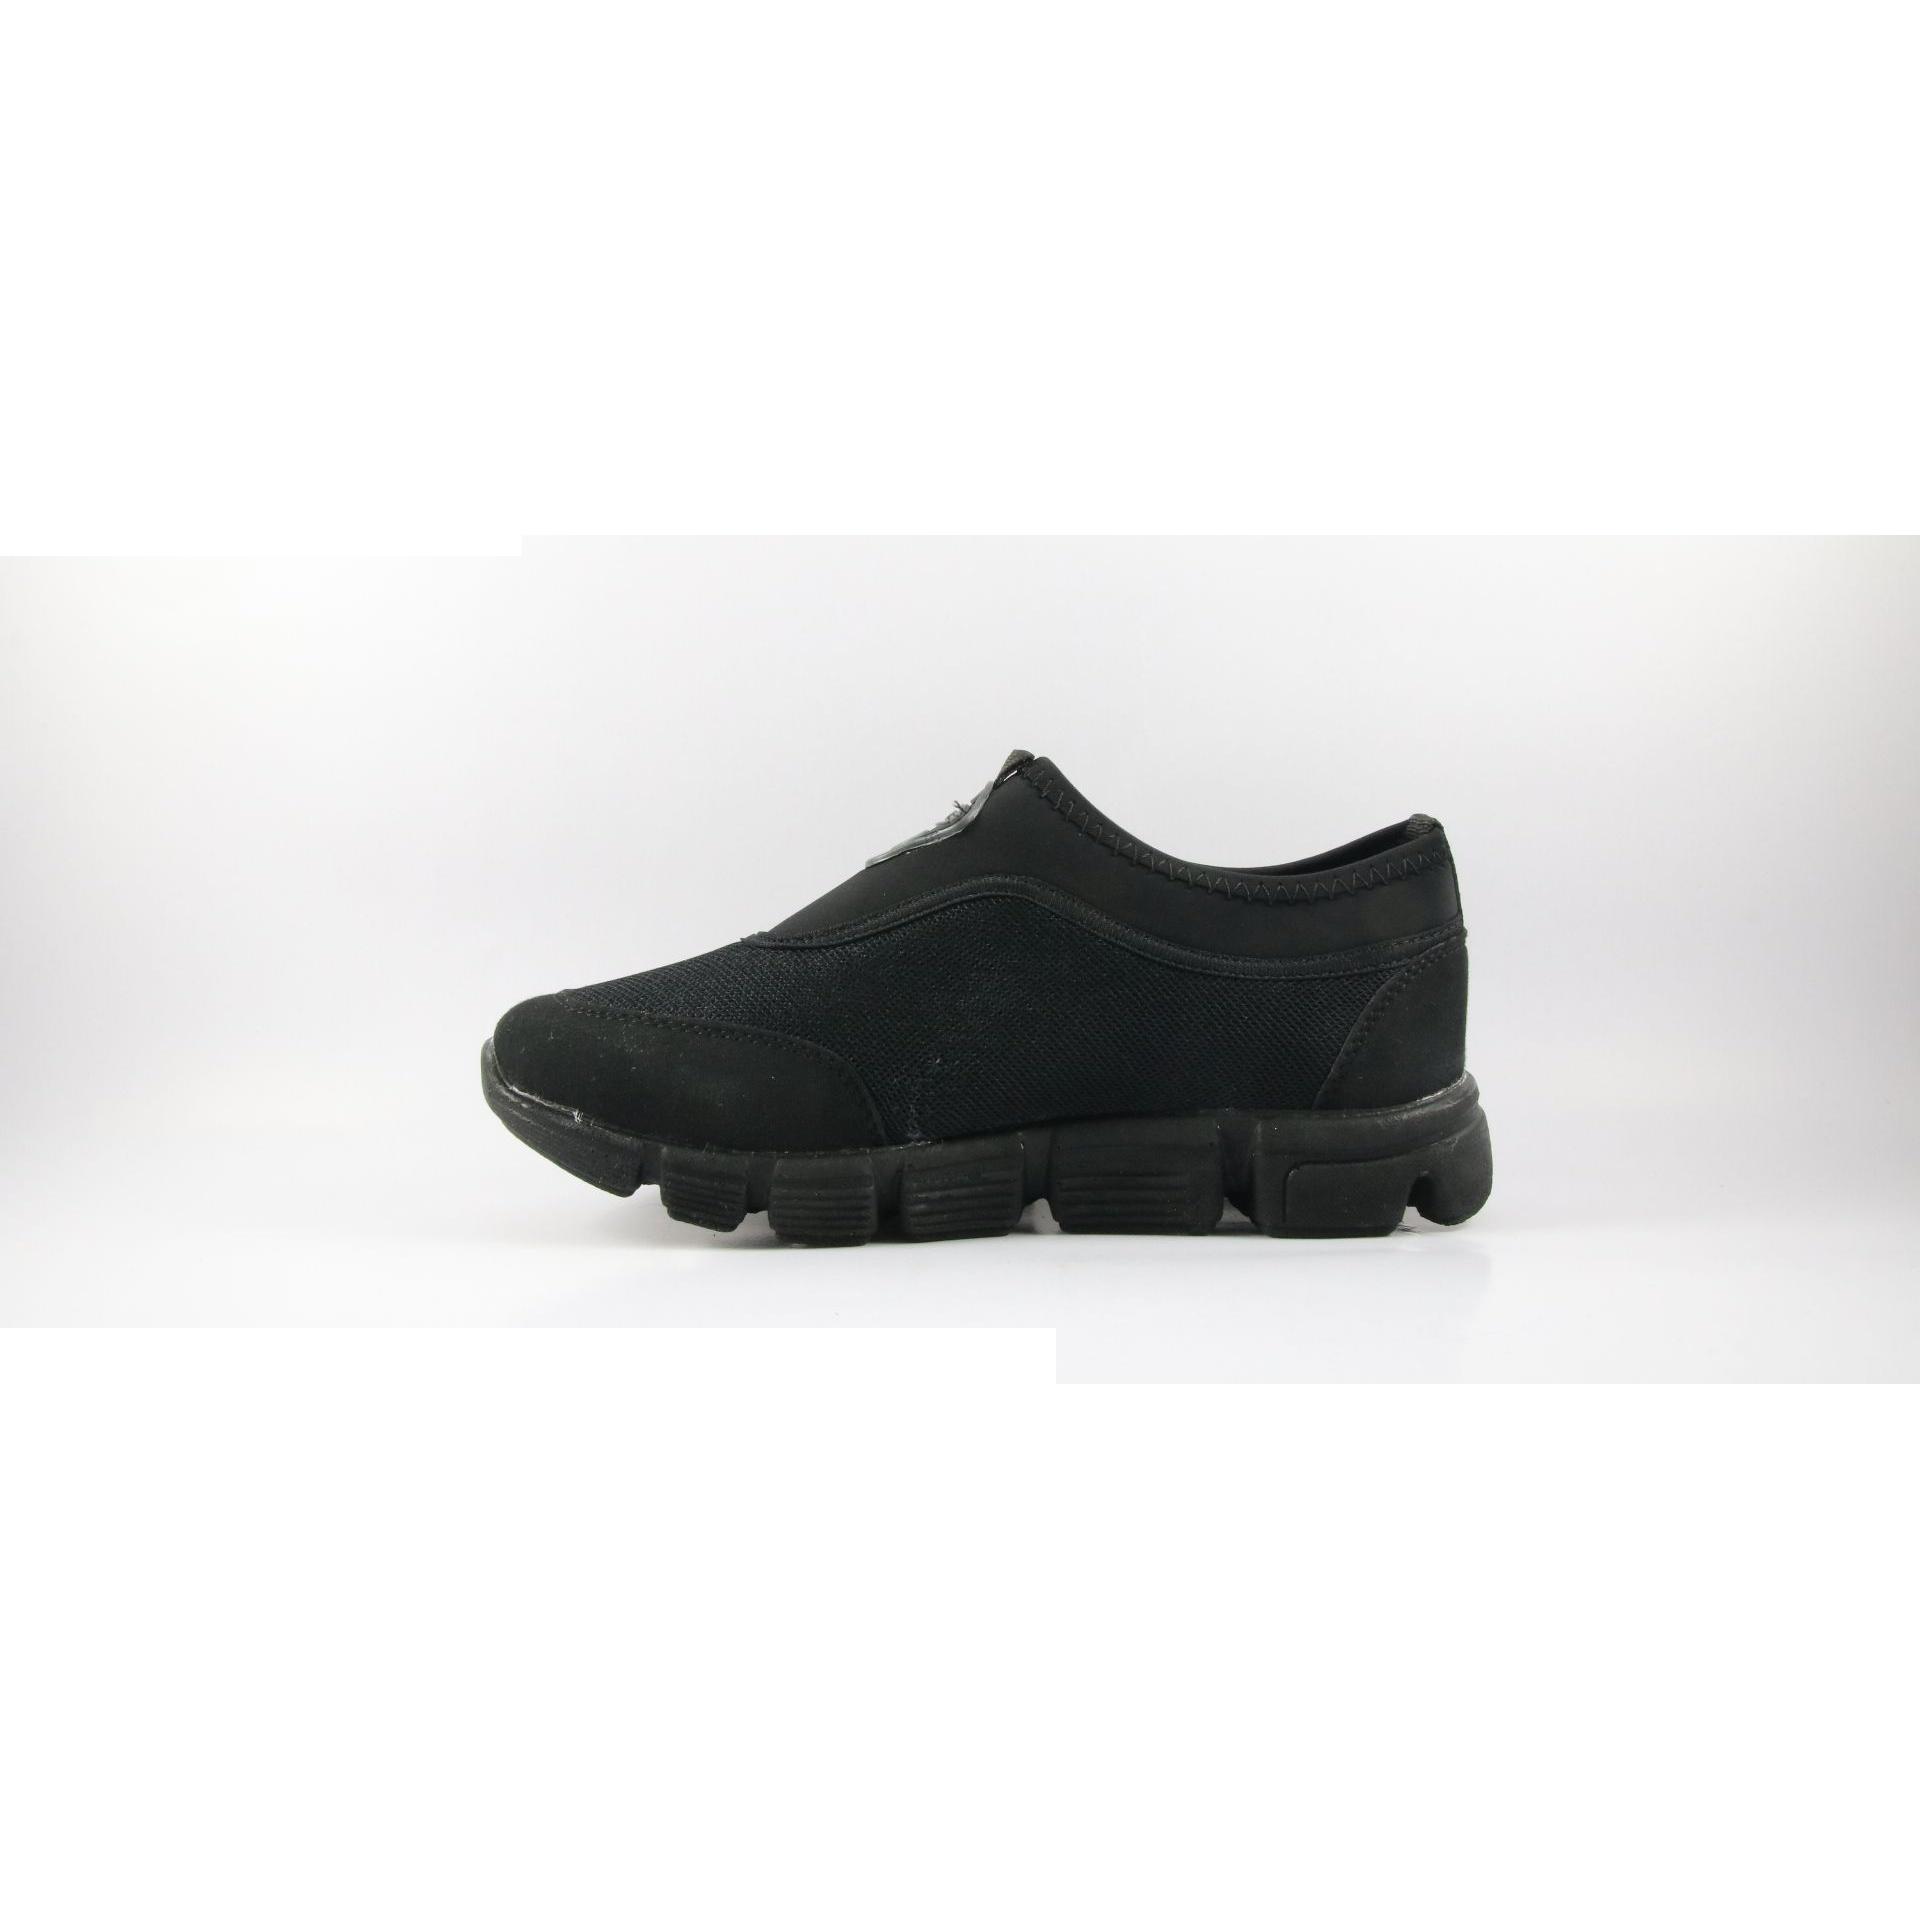 کفش راحتی زنانه کد 1200